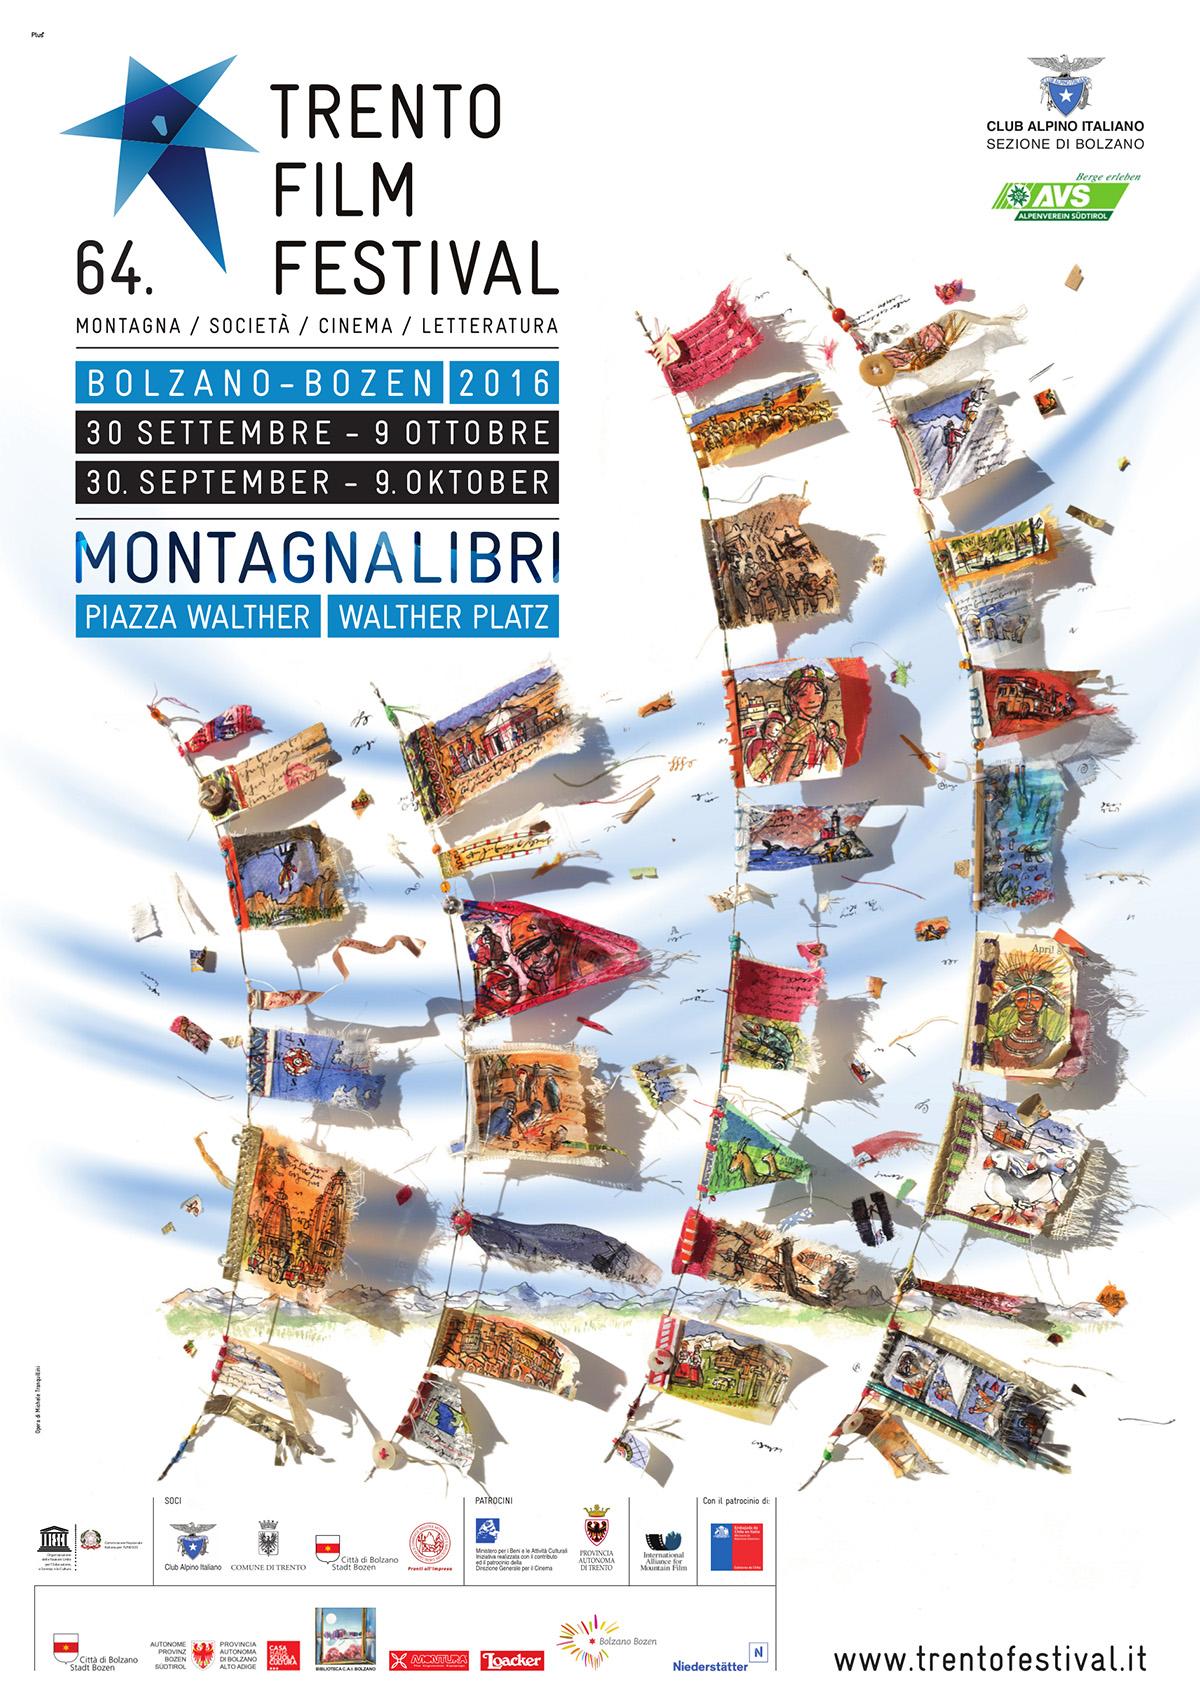 Locandina Trento Film festival a Bolzano, edizione 2016